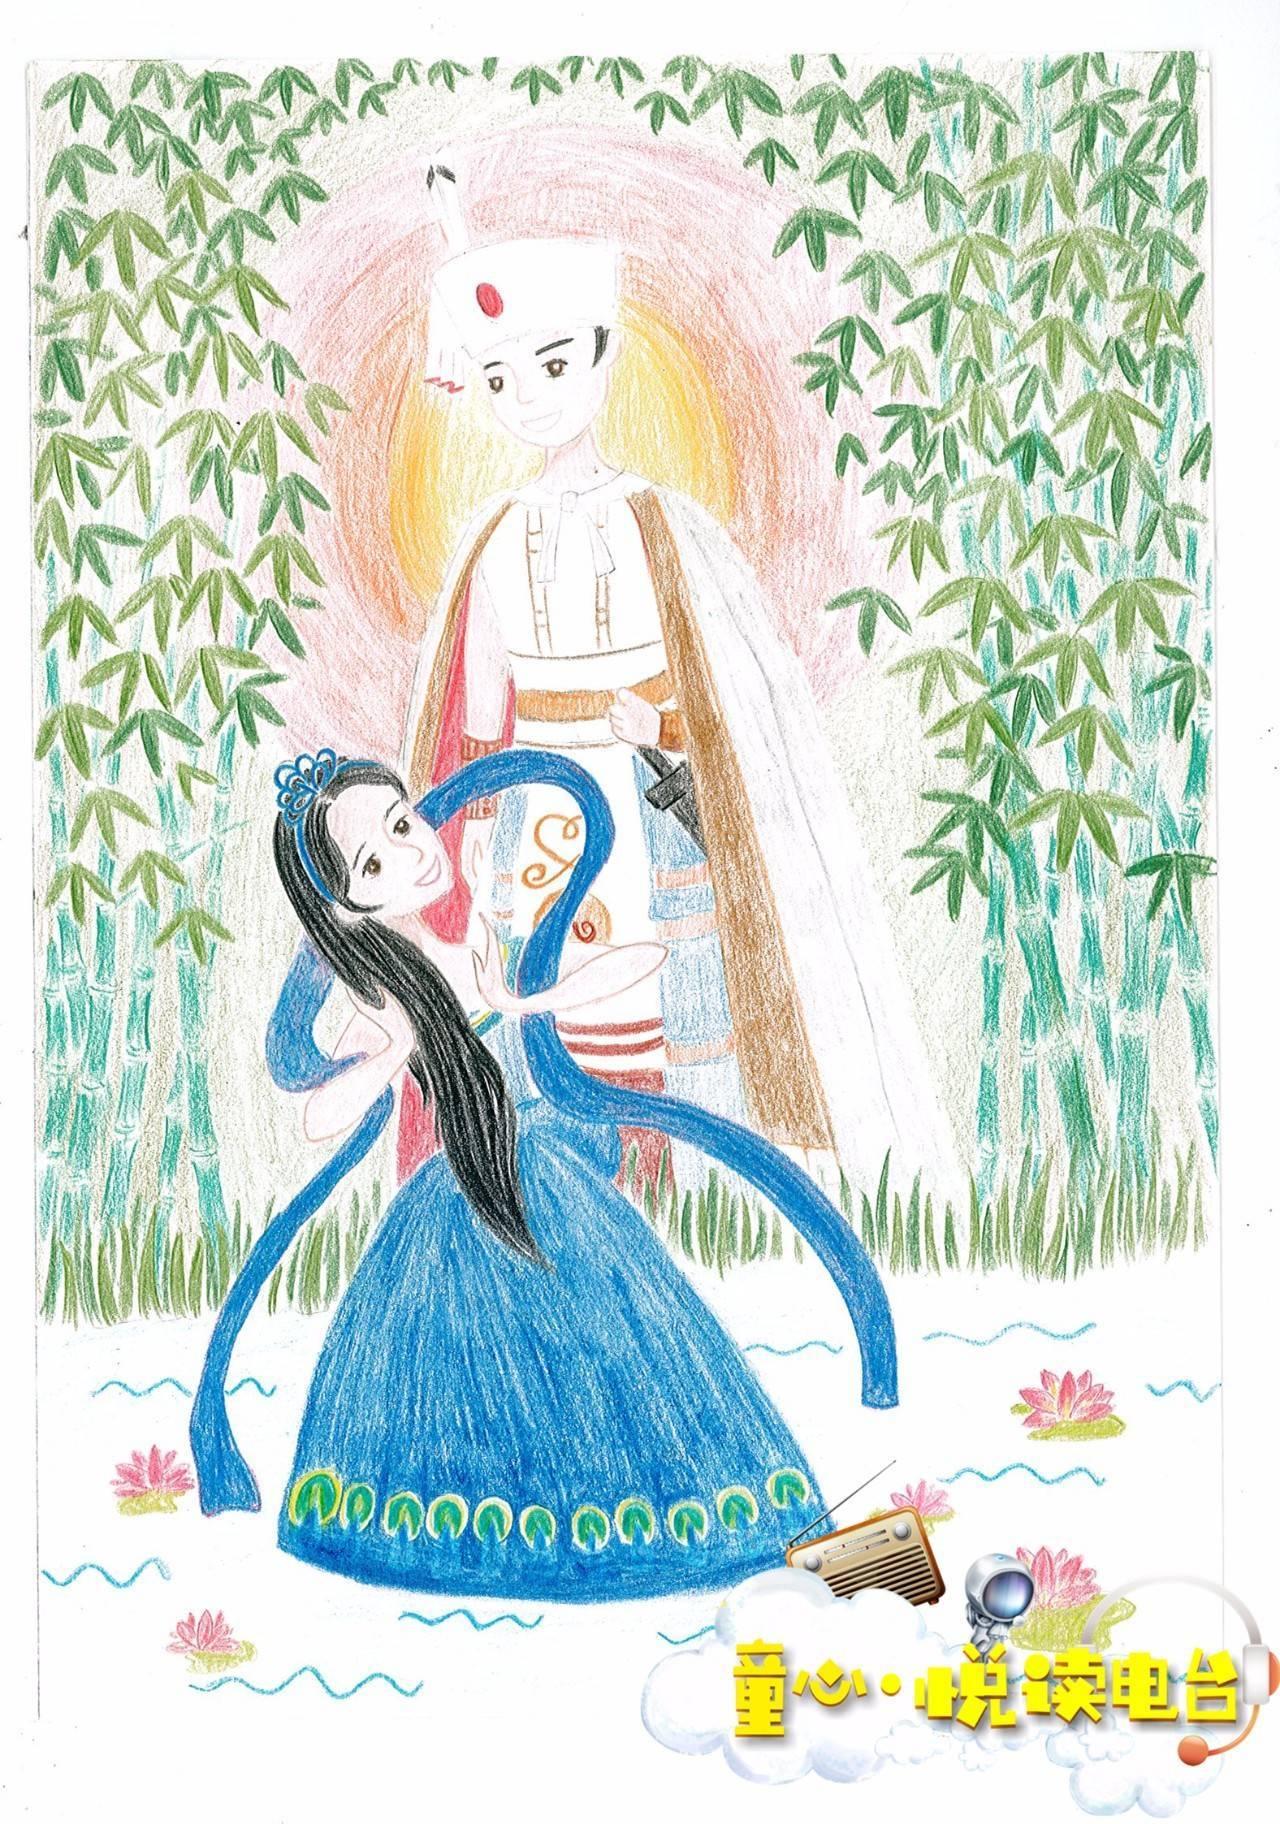 【童心·悦读电台】经常带孩子去动物园看孔雀,那你知道孔雀公主的